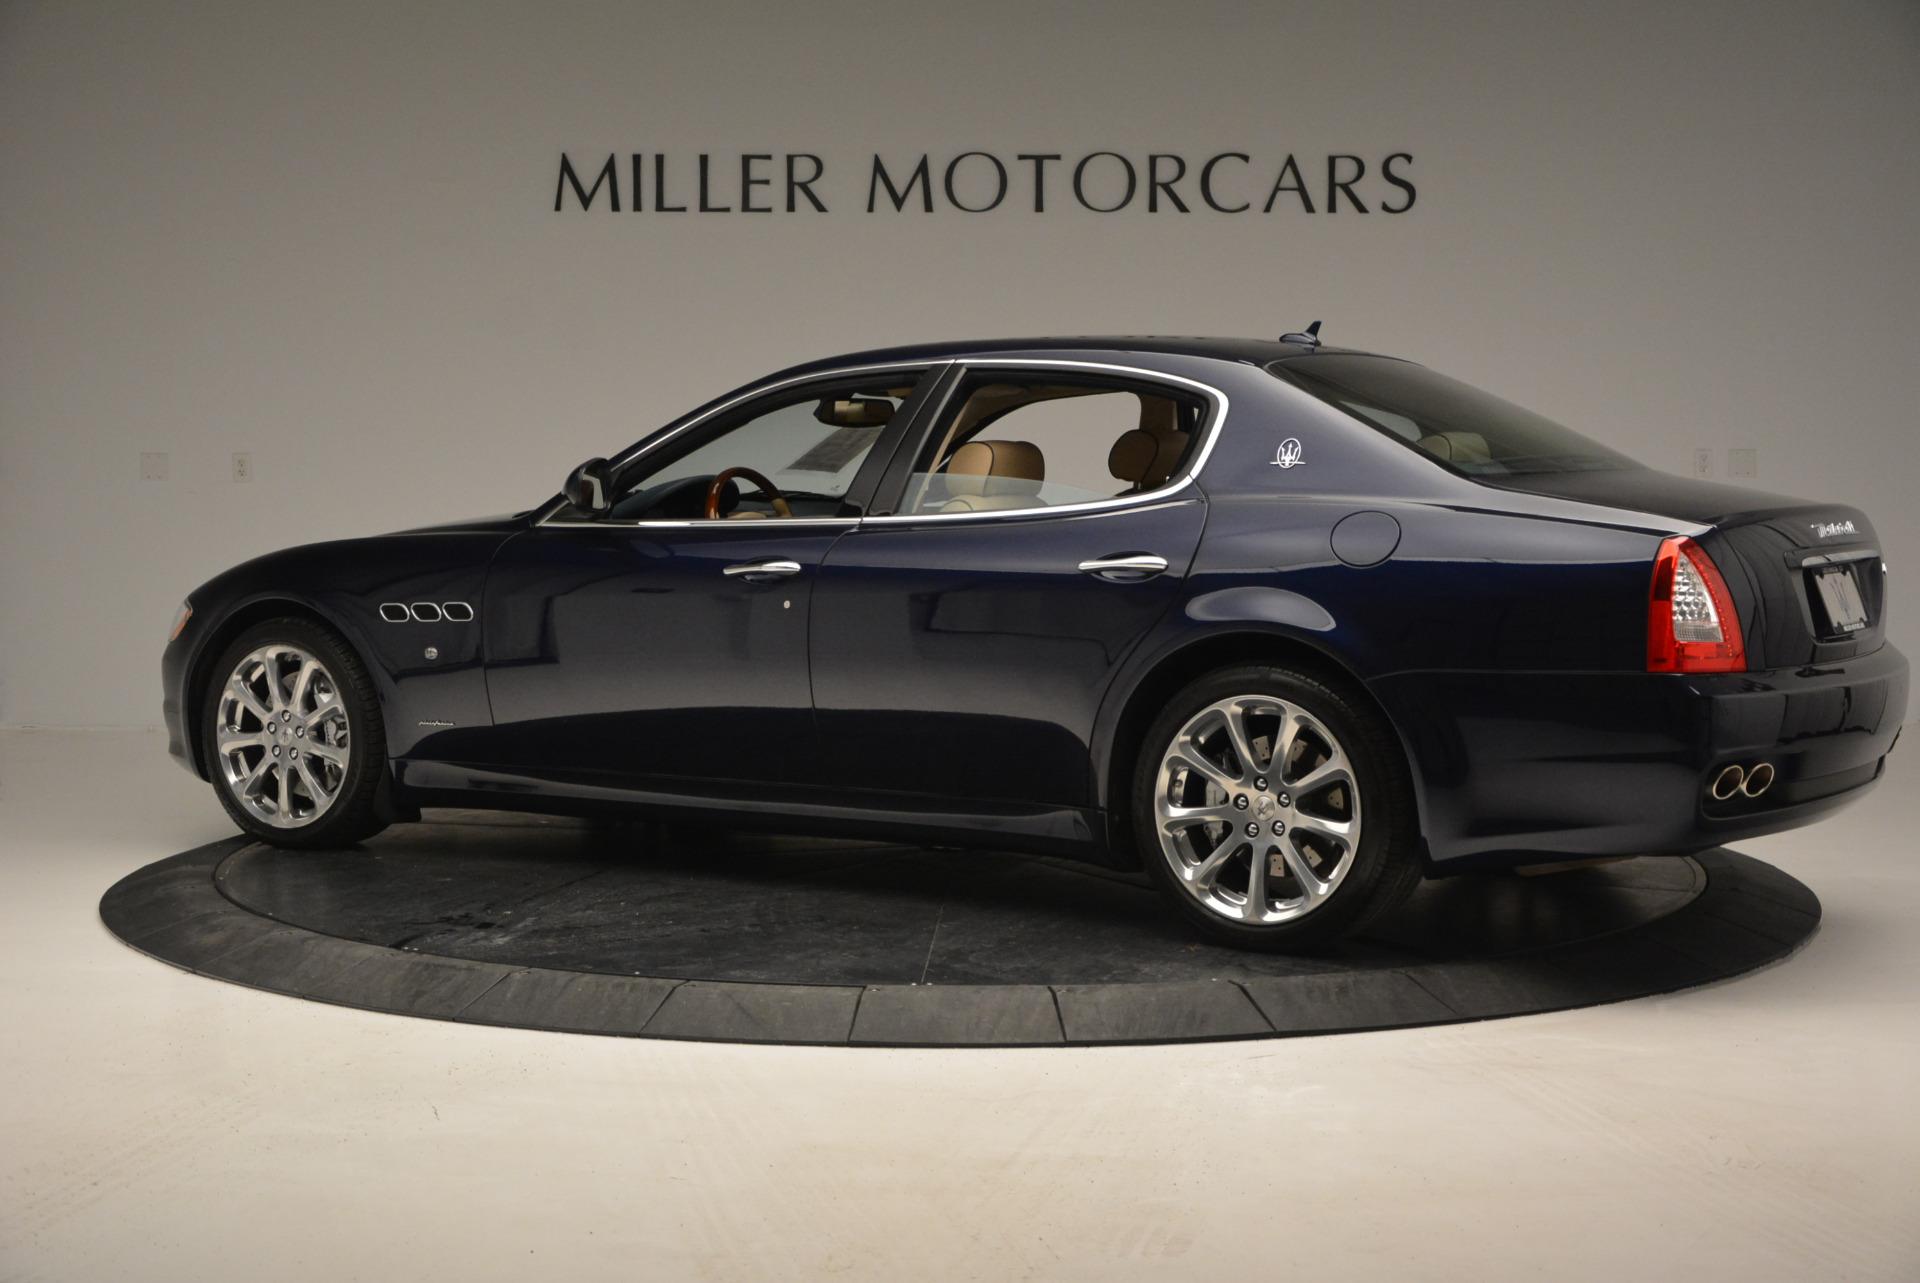 Used 2010 Maserati Quattroporte S For Sale In Greenwich, CT 795_p4